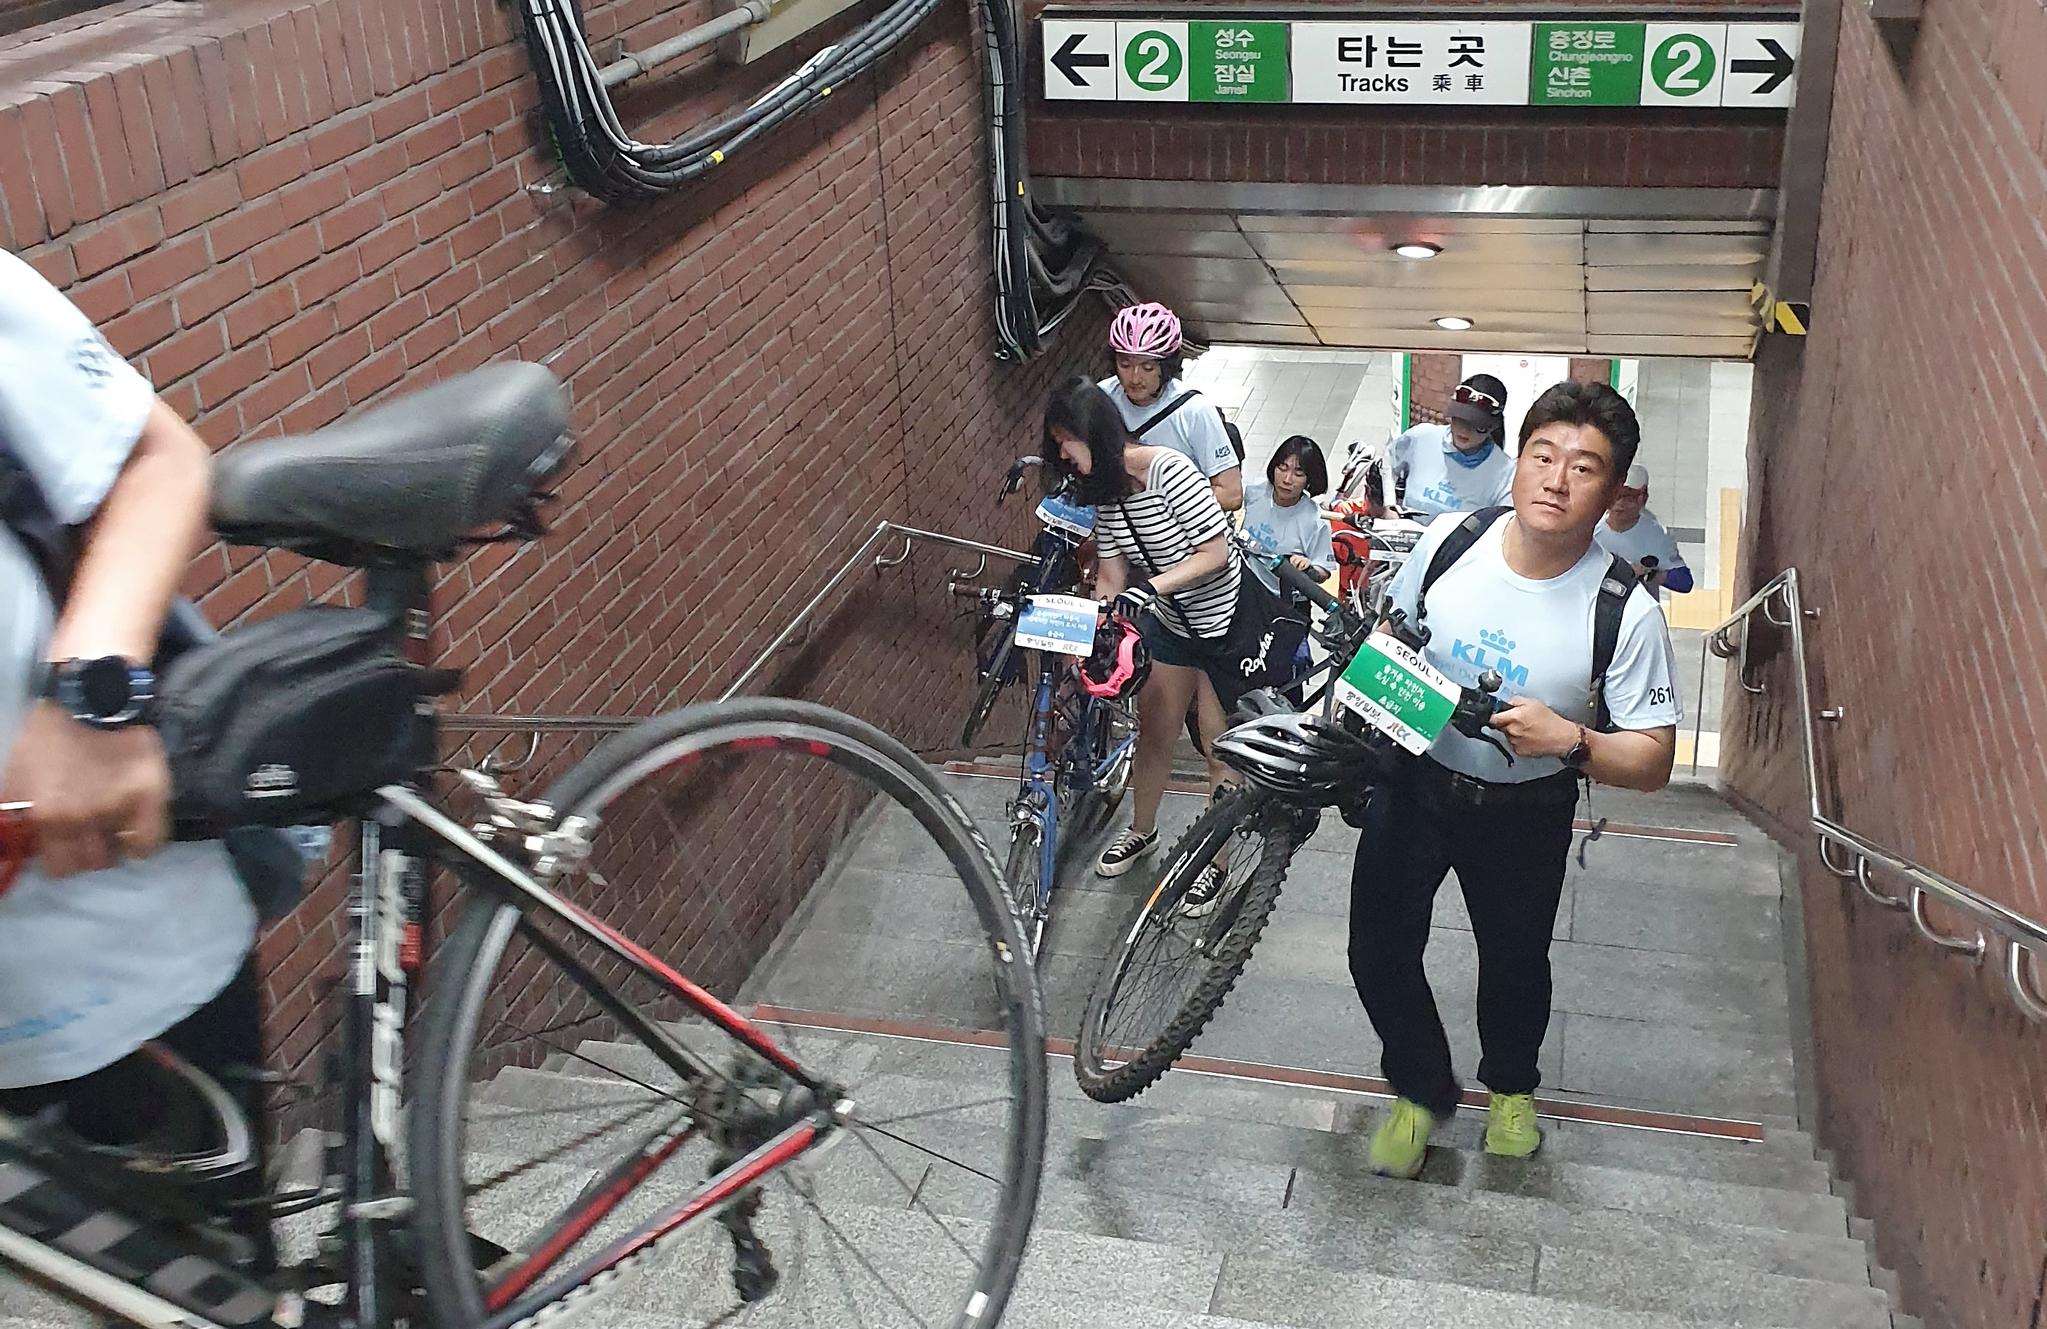 참가자들이 자전거대행진 참가를 위해 시청역 계단을 오르고 있다.최승식 기자